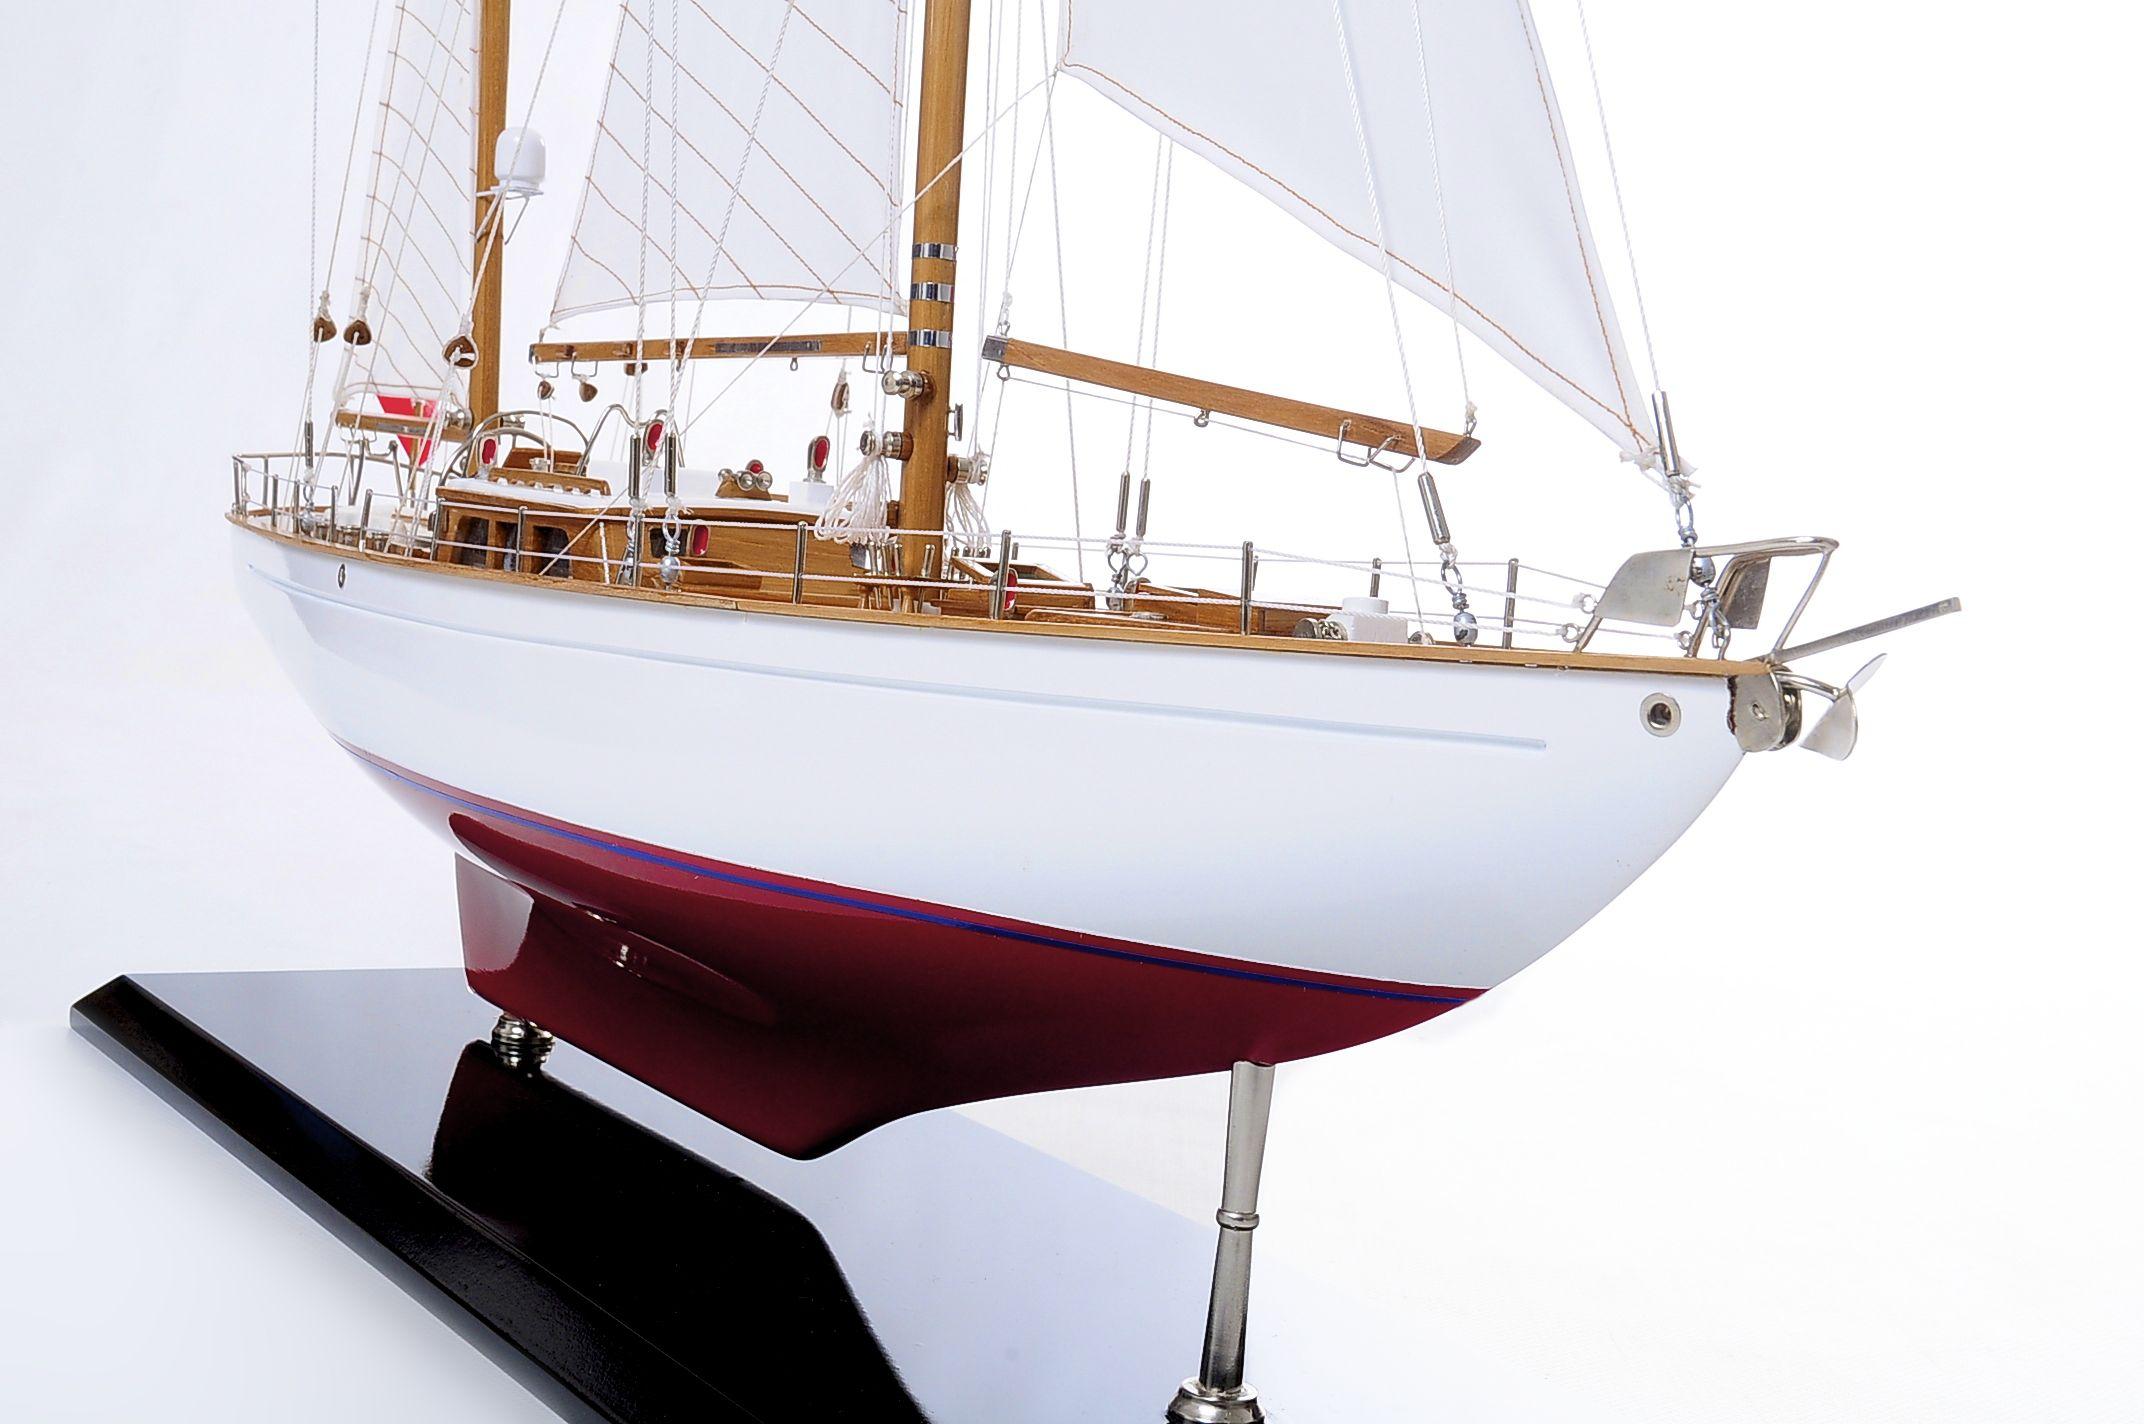 1486-6504-Sea-Gypsy-Sailing-Yacht